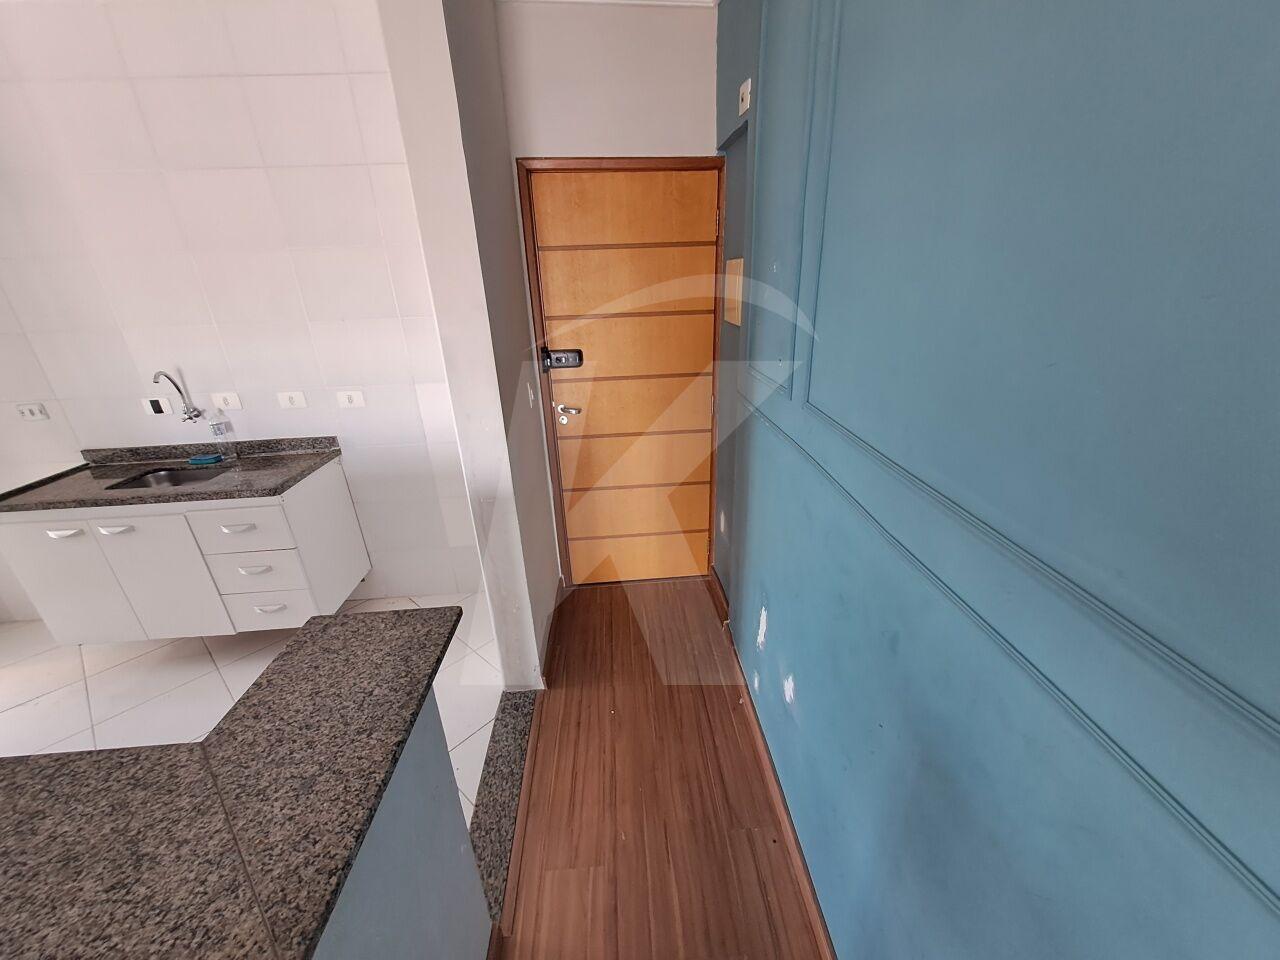 Alugar - Apartamento - Vila Galvão - 3 dormitórios.